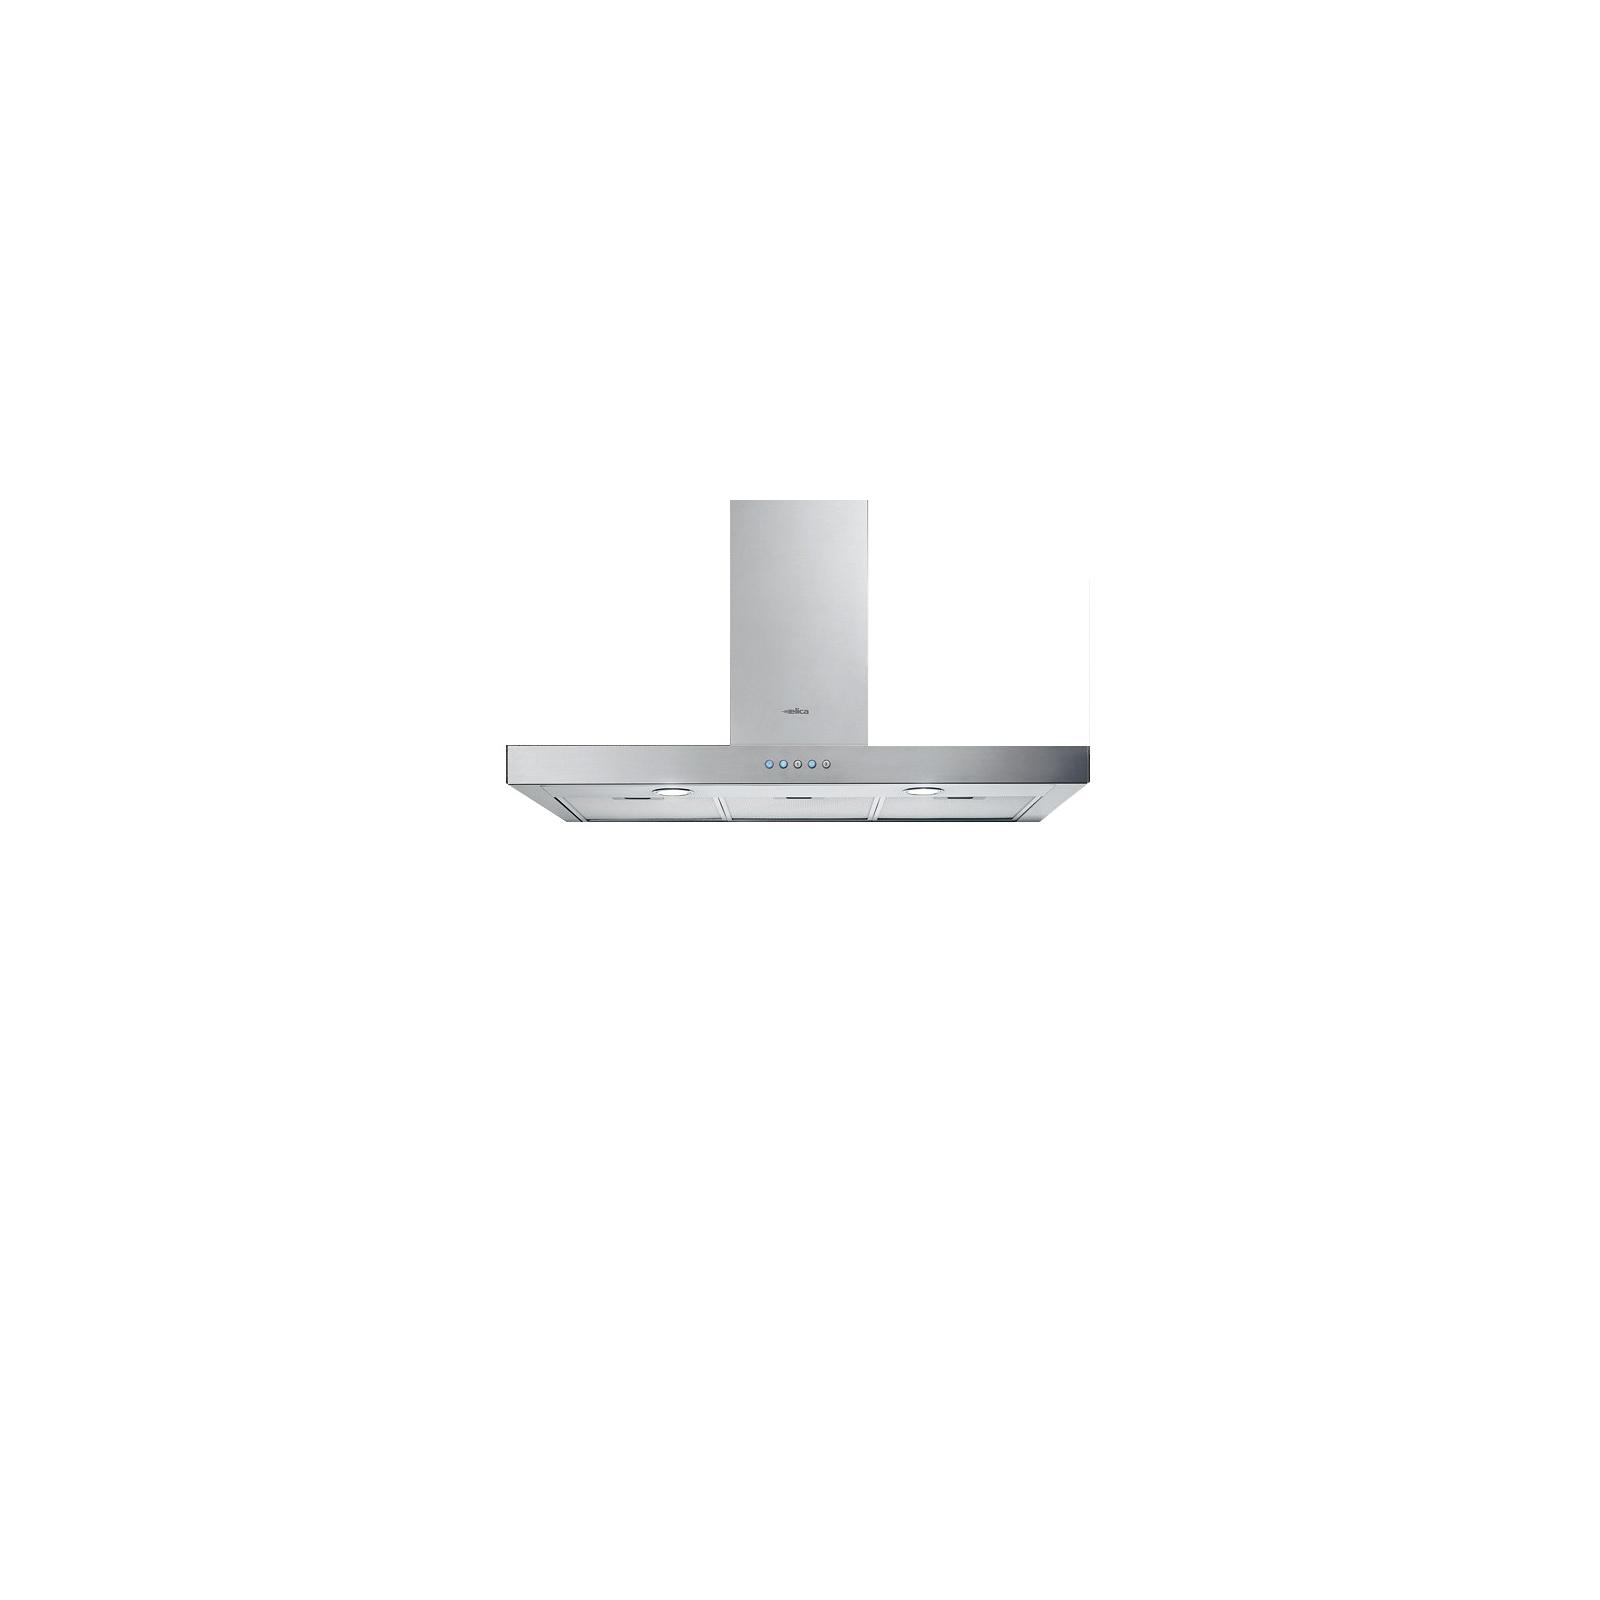 Вытяжка кухонная ELICA Spot NG h6 IX A/60